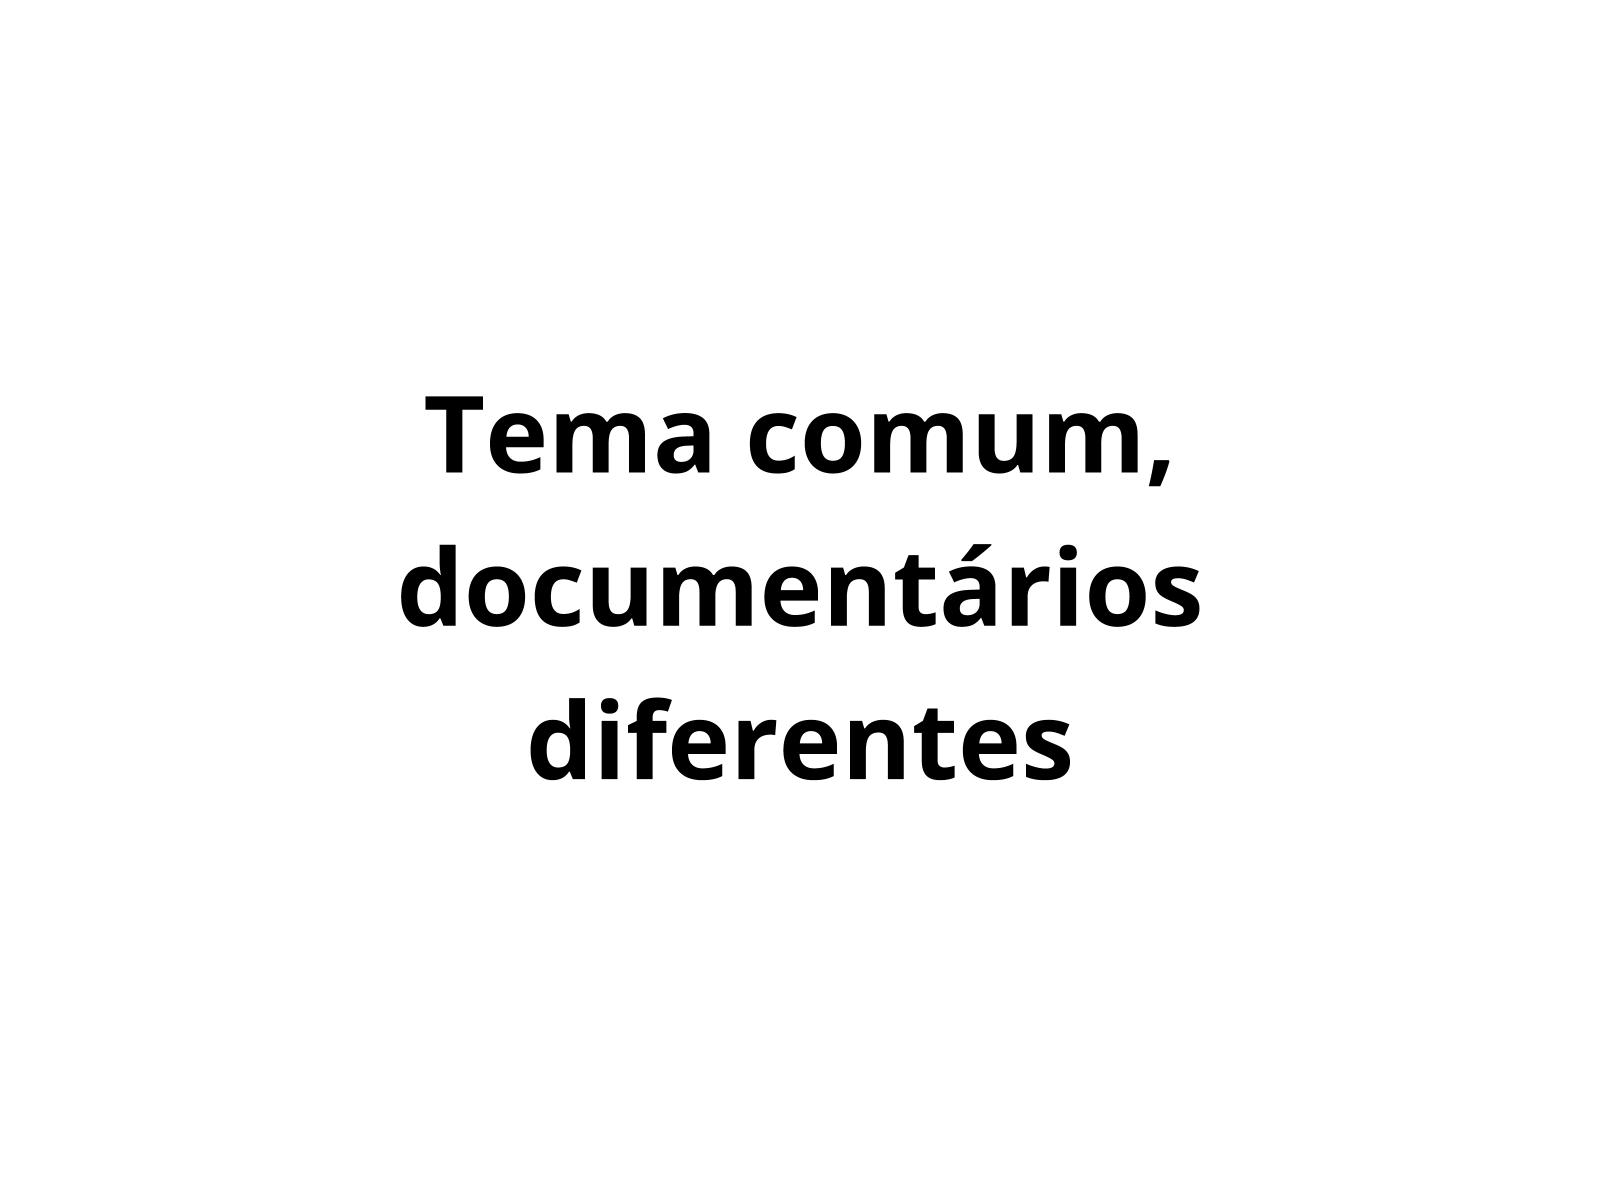 Relação temática entre documentários diferentes